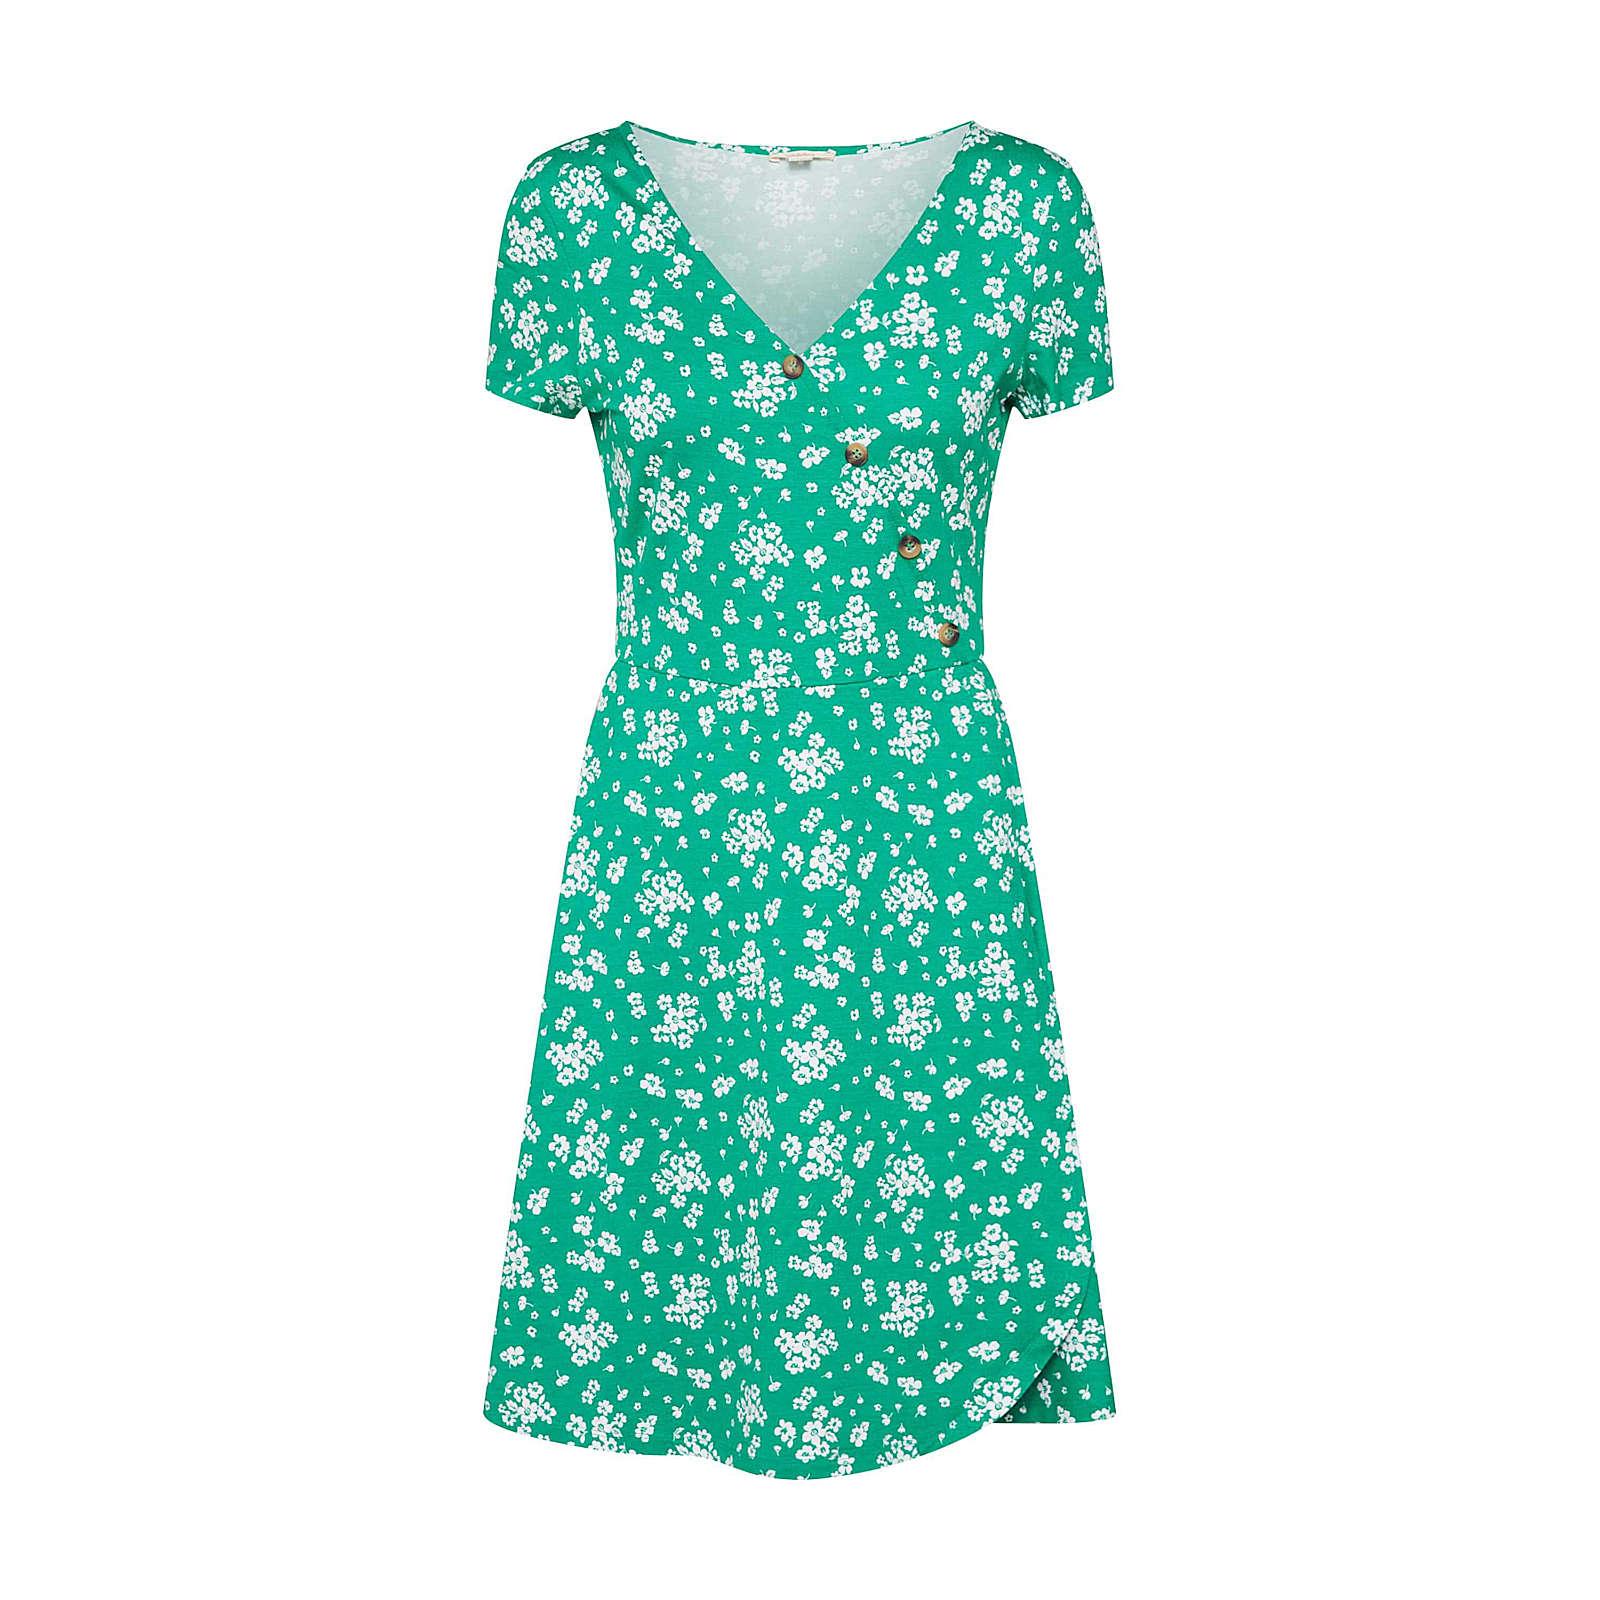 ESPRIT Sommerkleid Sommerkleider grün Damen Gr. 42